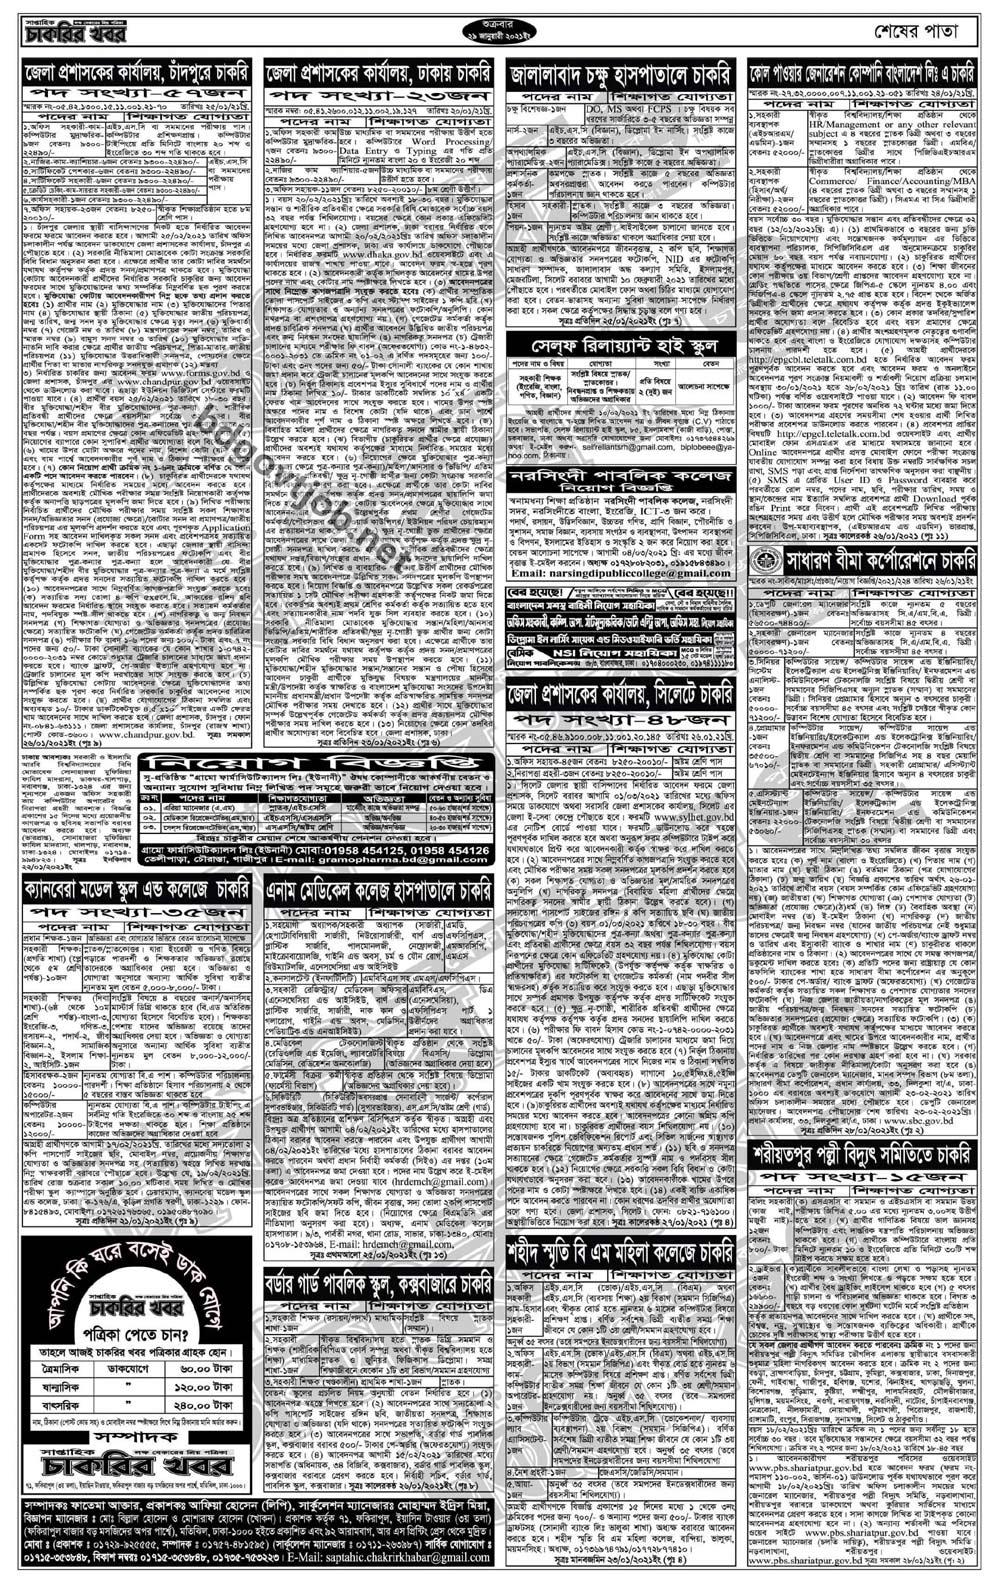 Weekly jobs newspaper Page 4